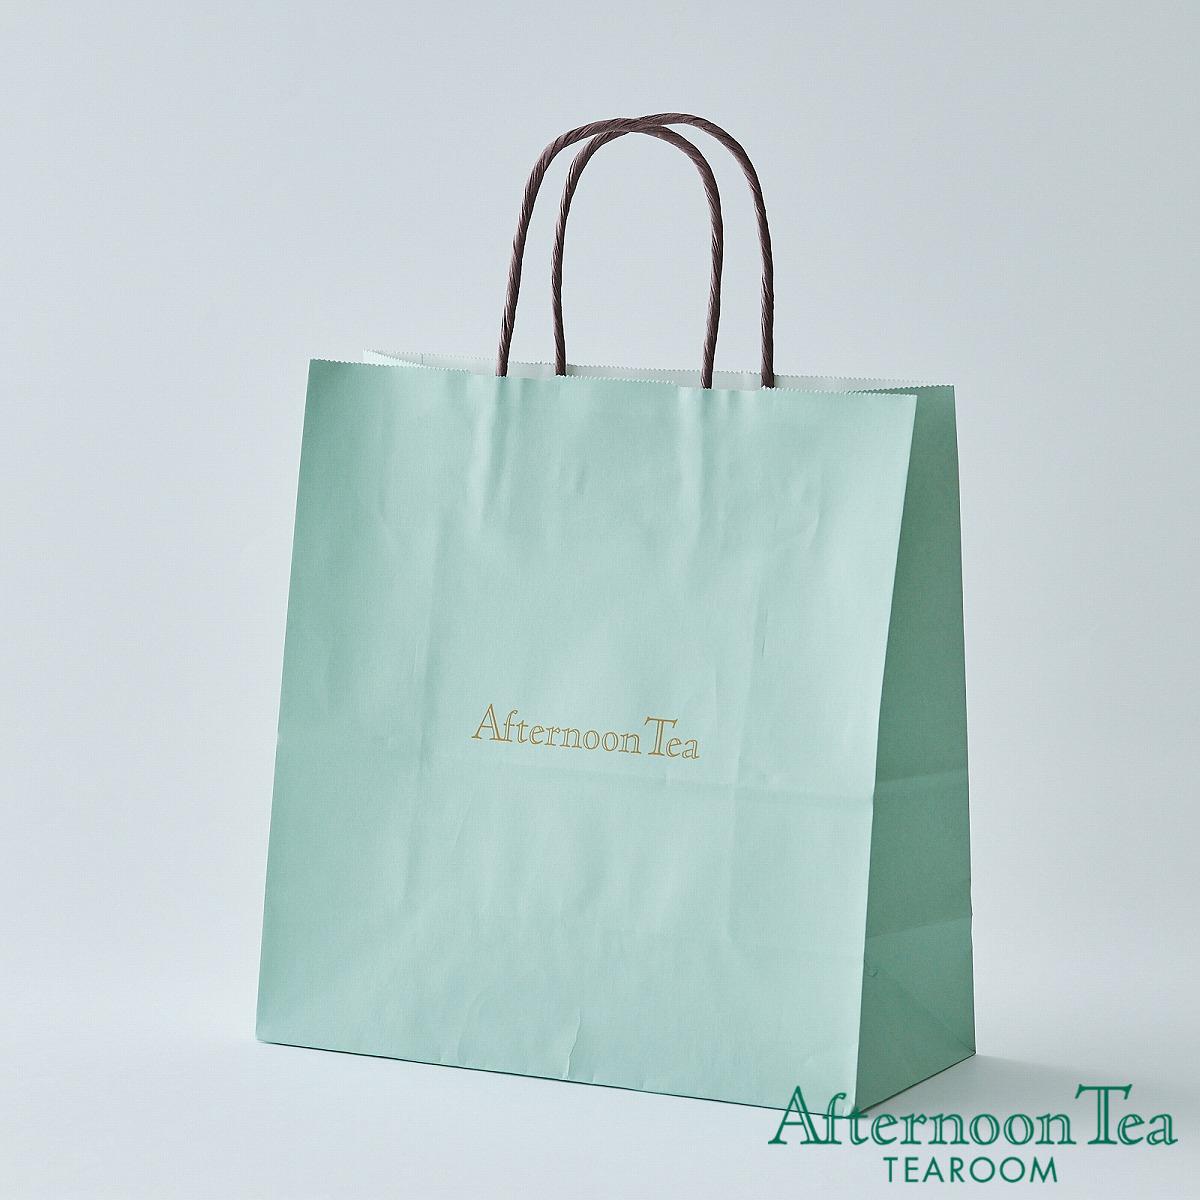 有料 紙製ショッピングバッグ紙袋M 大人気 ティールーム アフタヌーンティー 受注生産品